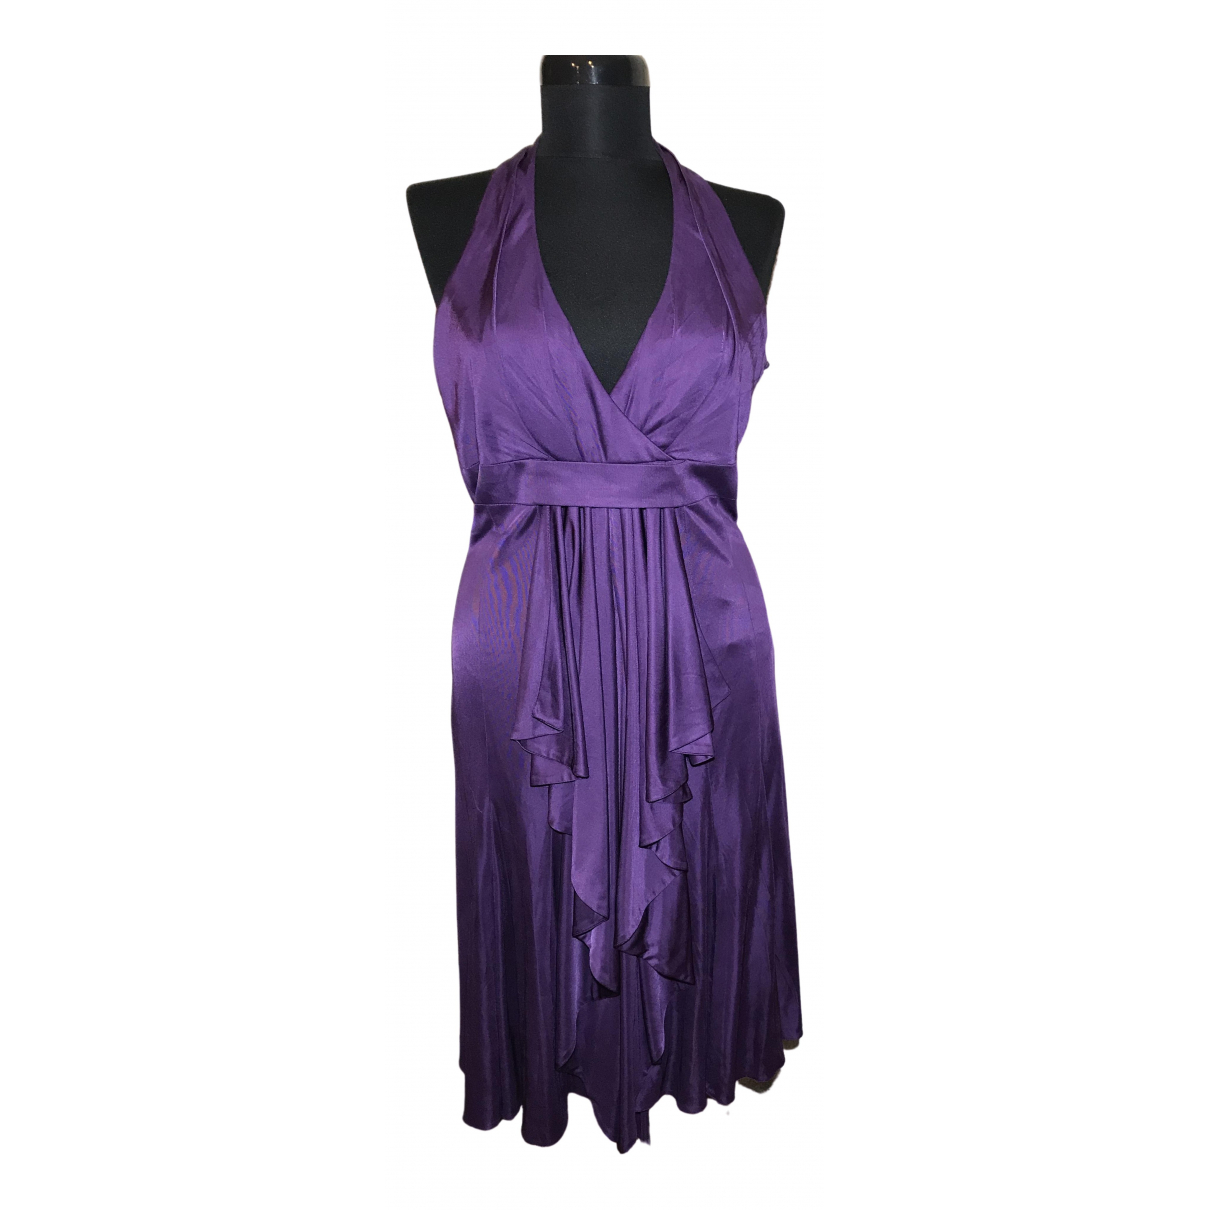 Karen Millen \N Kleid in  Lila Viskose